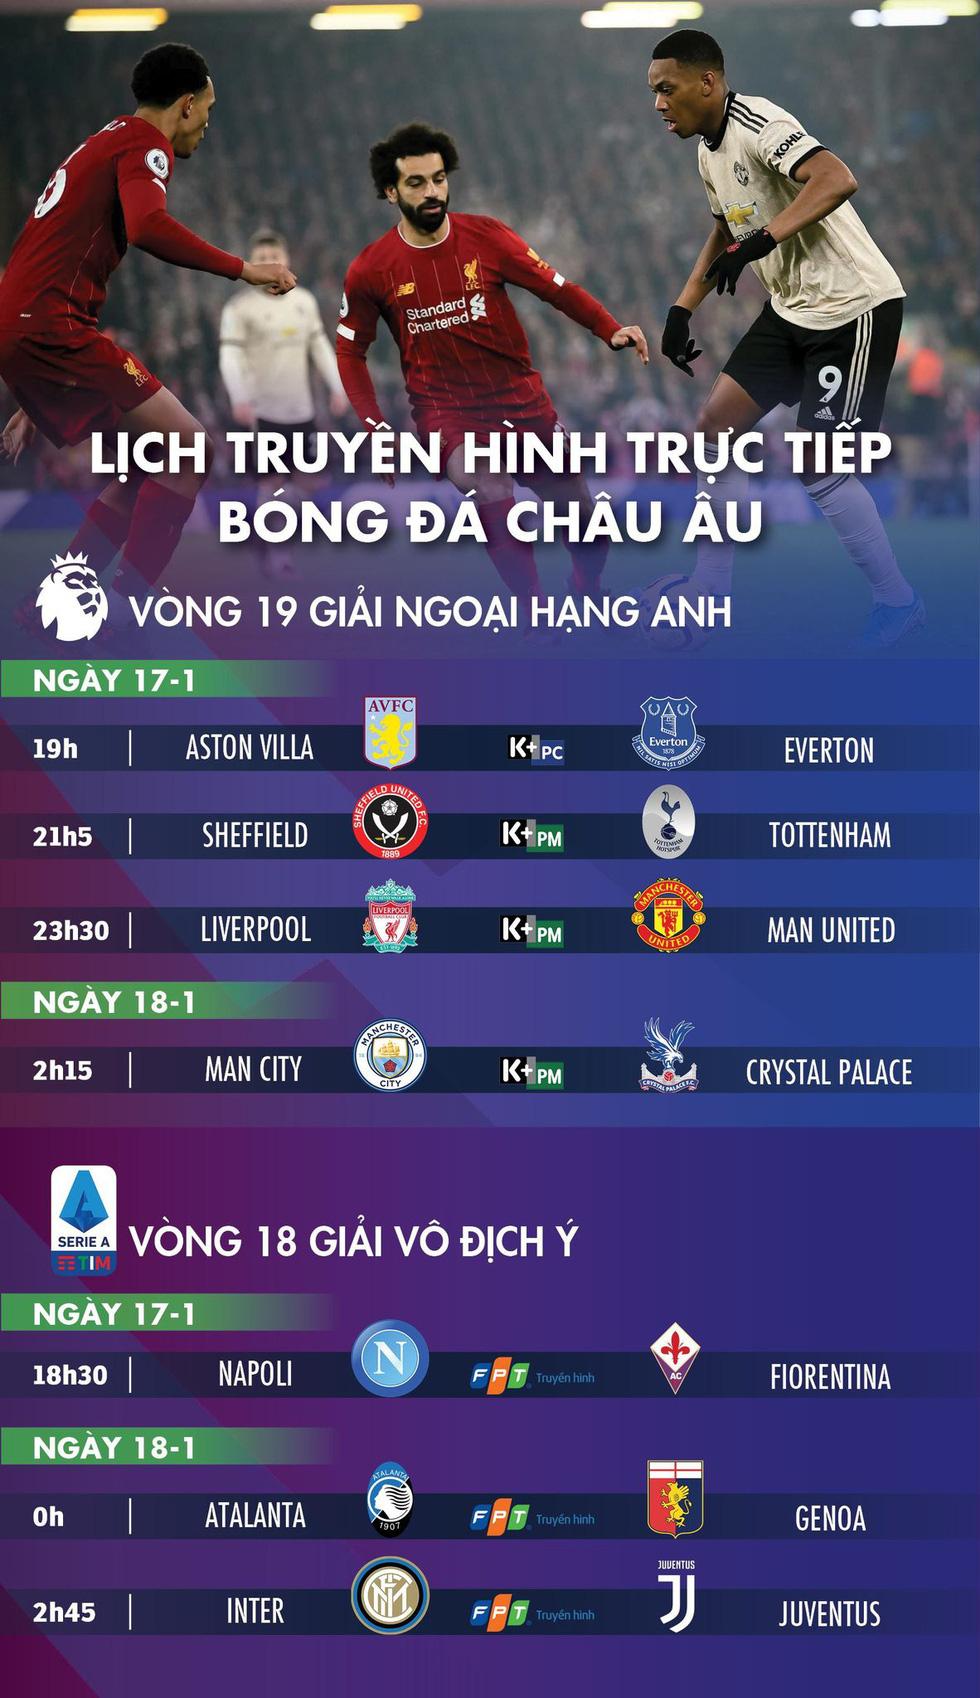 Lịch trực tiếp bóng đá châu Âu 17-1: Liverpool - Man United - Ảnh 1.